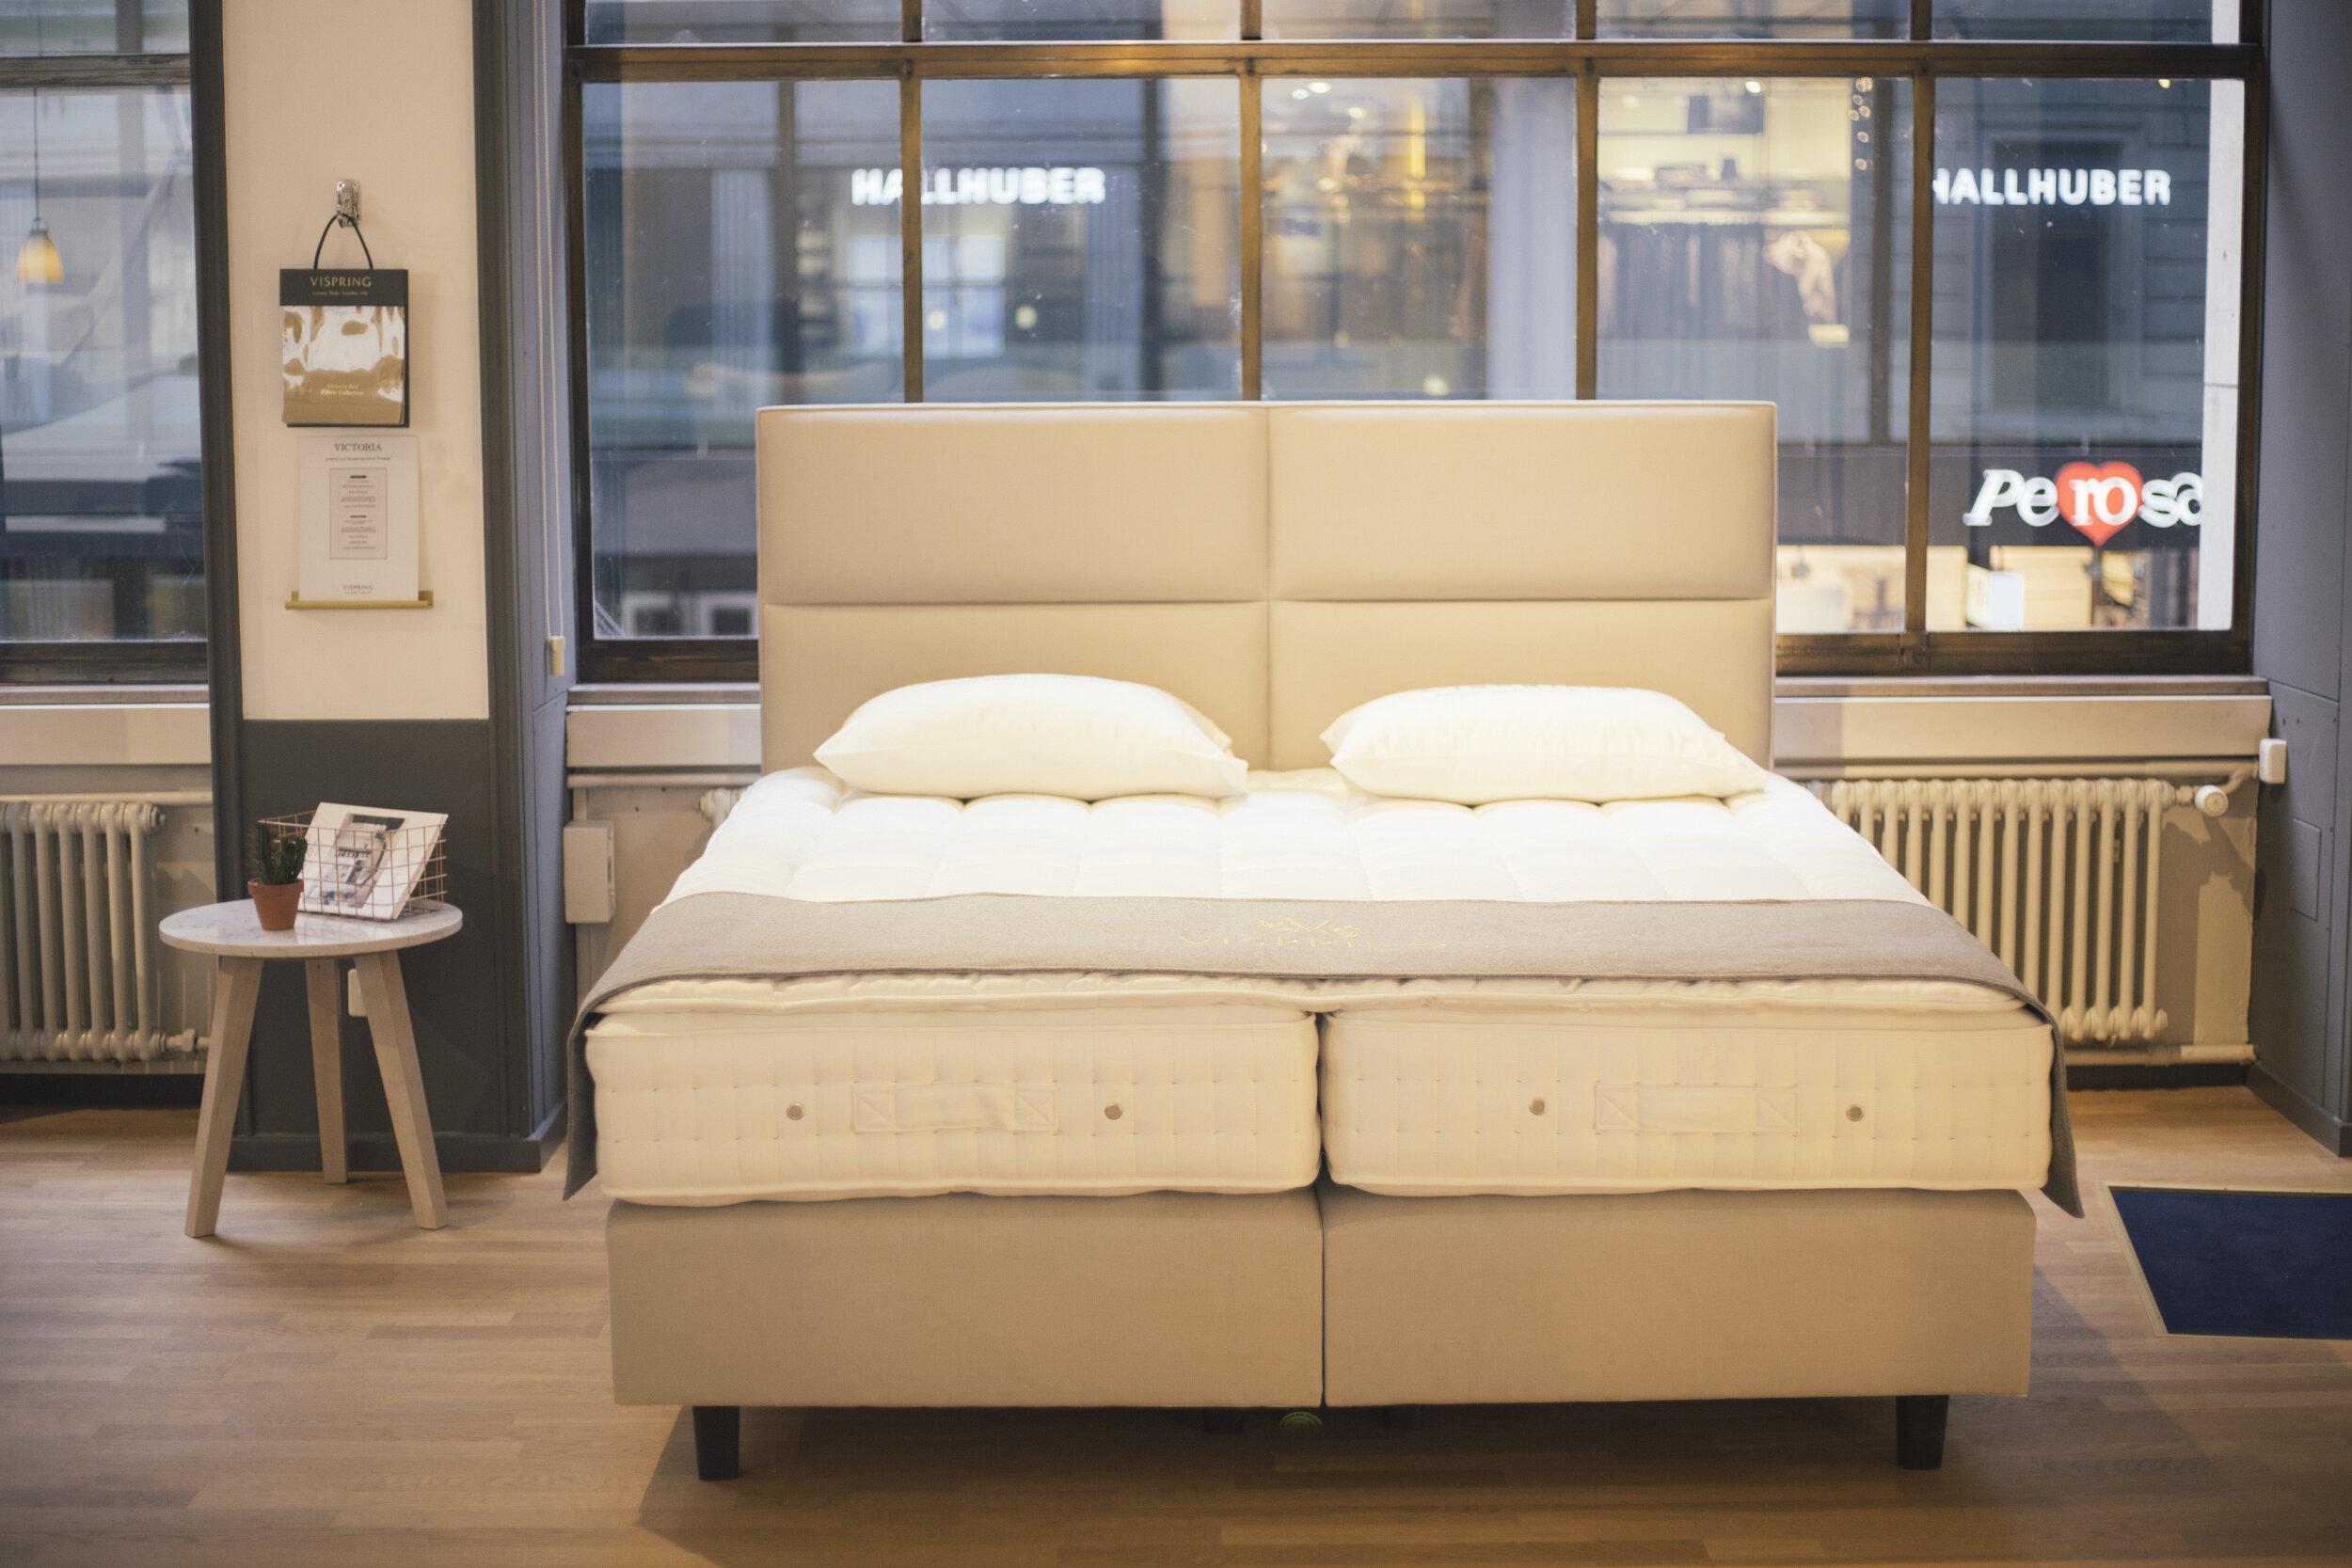 Beratung und Probeliegen - In unserem Showroom haben Sie die Möglichkeit die verschiedenen Modelle von Hästens und Vispring auszuprobieren. Wir beraten Sie gerne und helfen Ihnen das perfekte Bett für Sie zu finden.